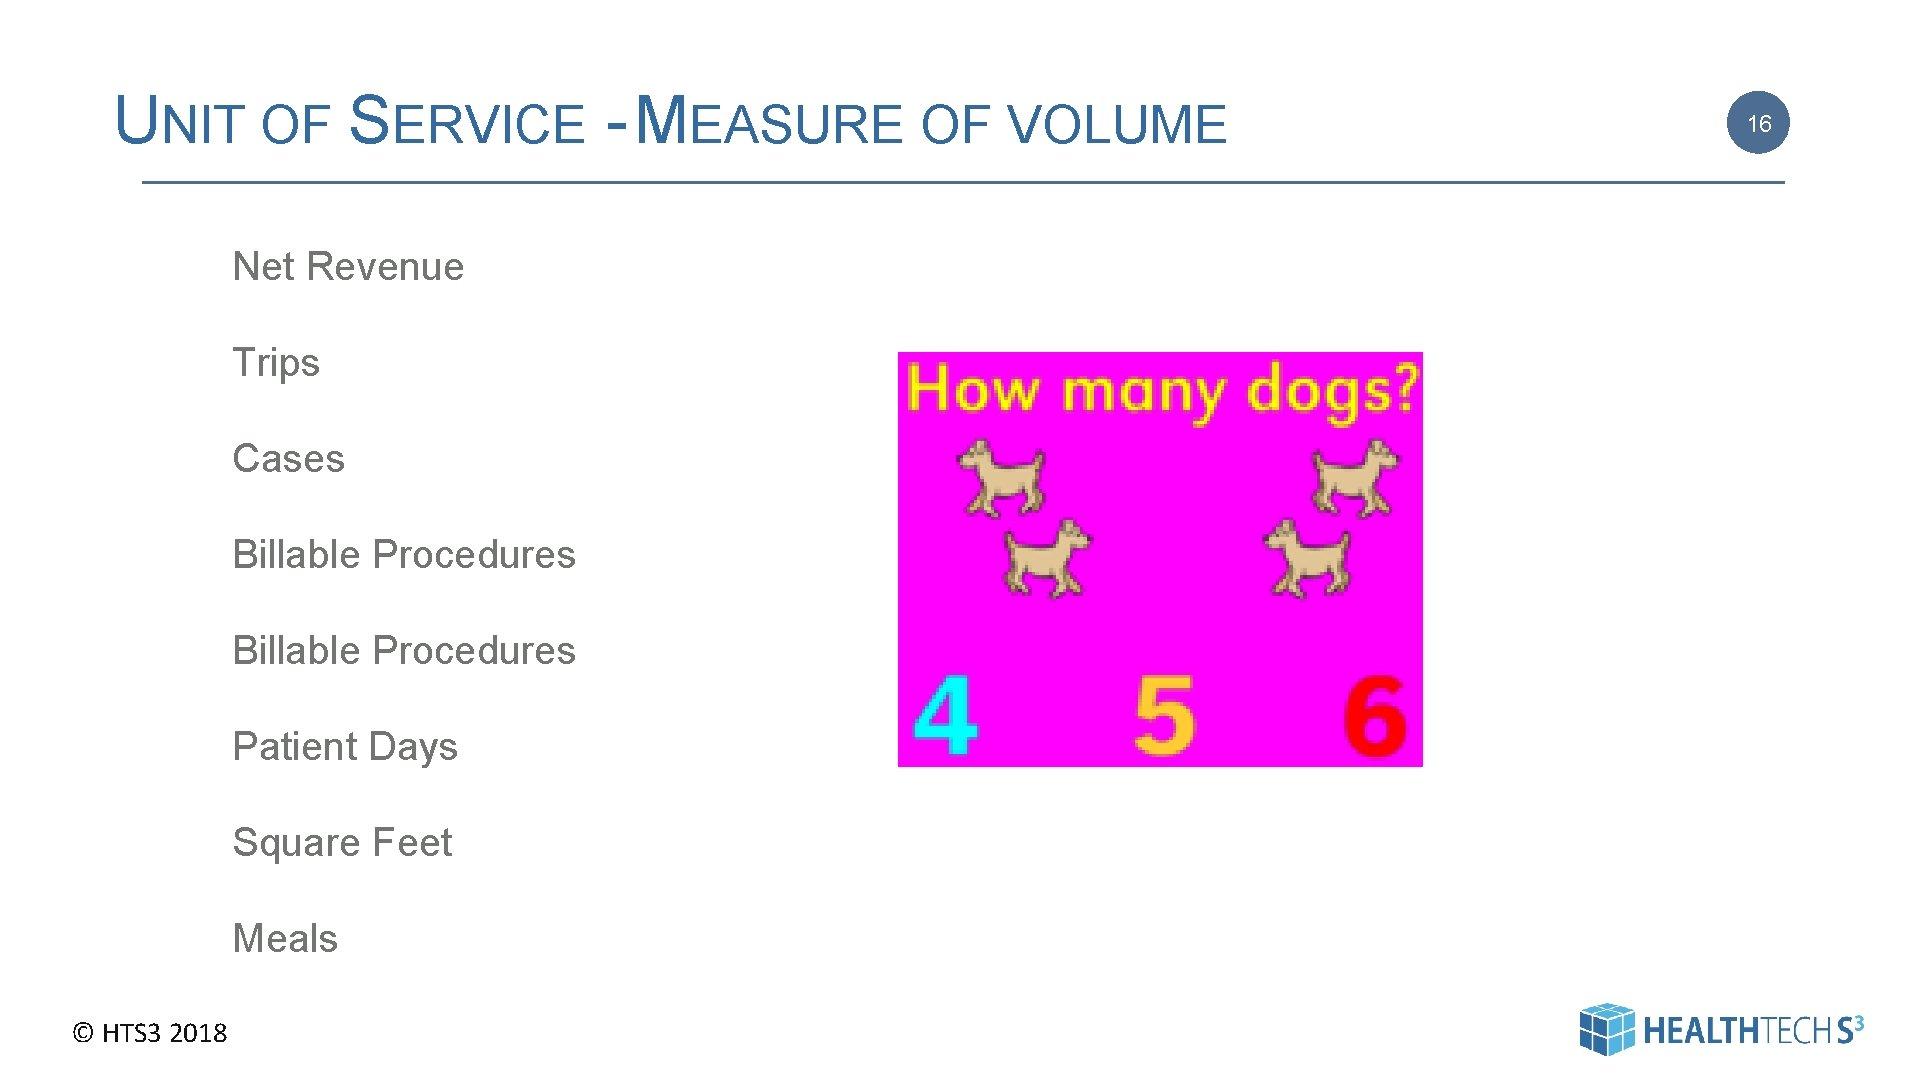 UNIT OF SERVICE - MEASURE OF VOLUME Net Revenue Trips Cases Billable Procedures Patient